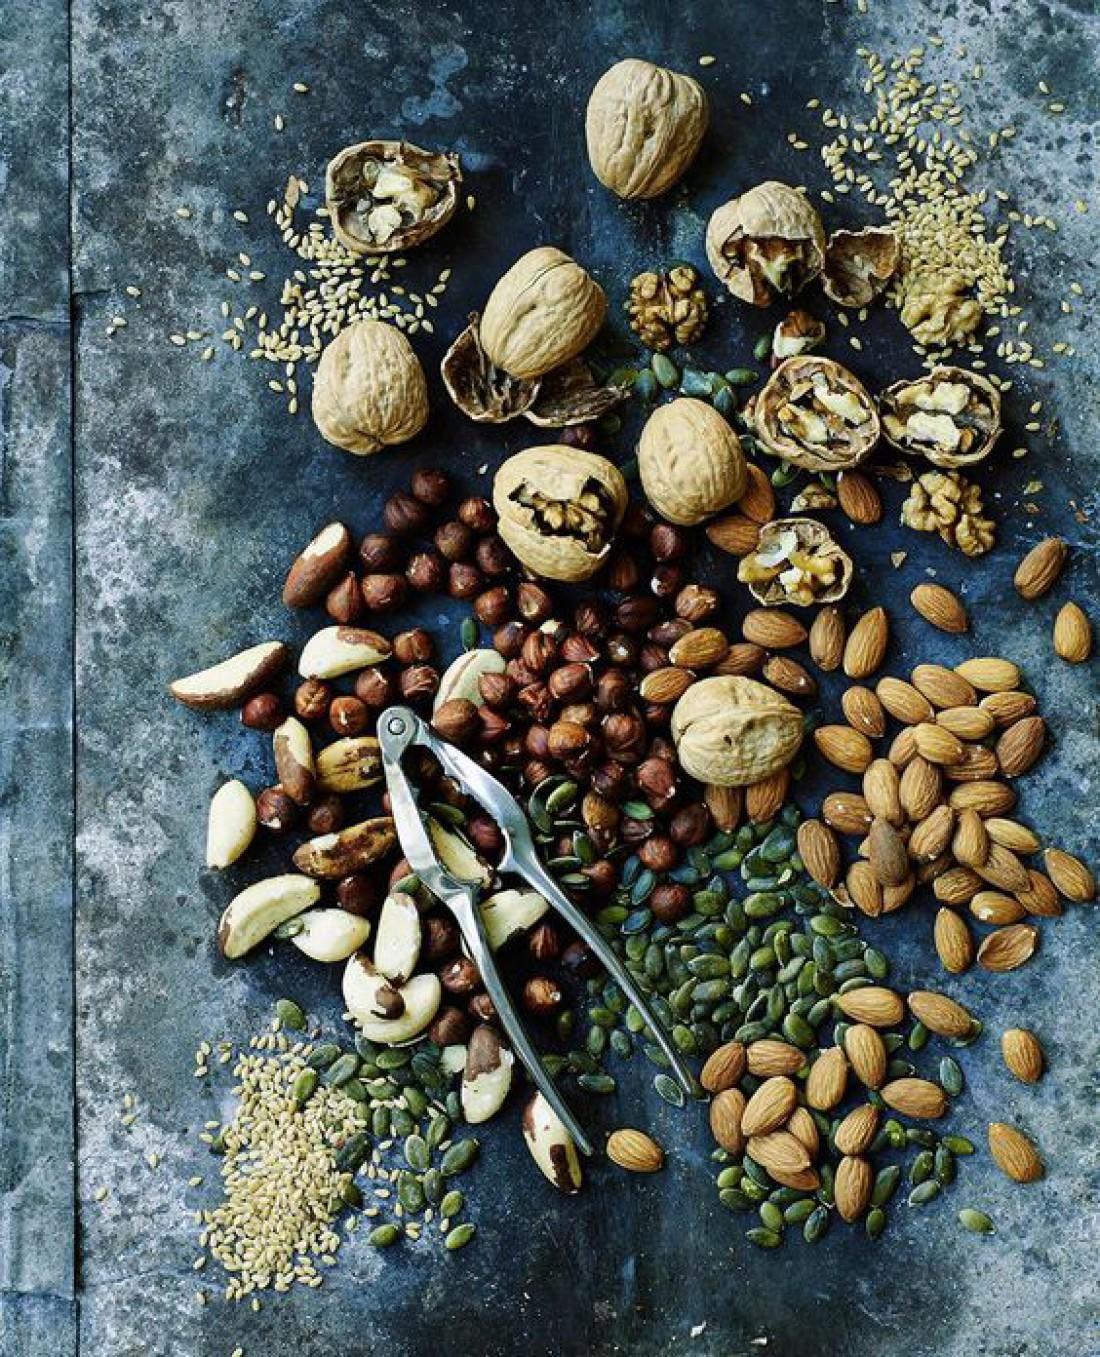 ТОП-9 пищевых привычек, которые могут снизить риск болезни Альцгеймера